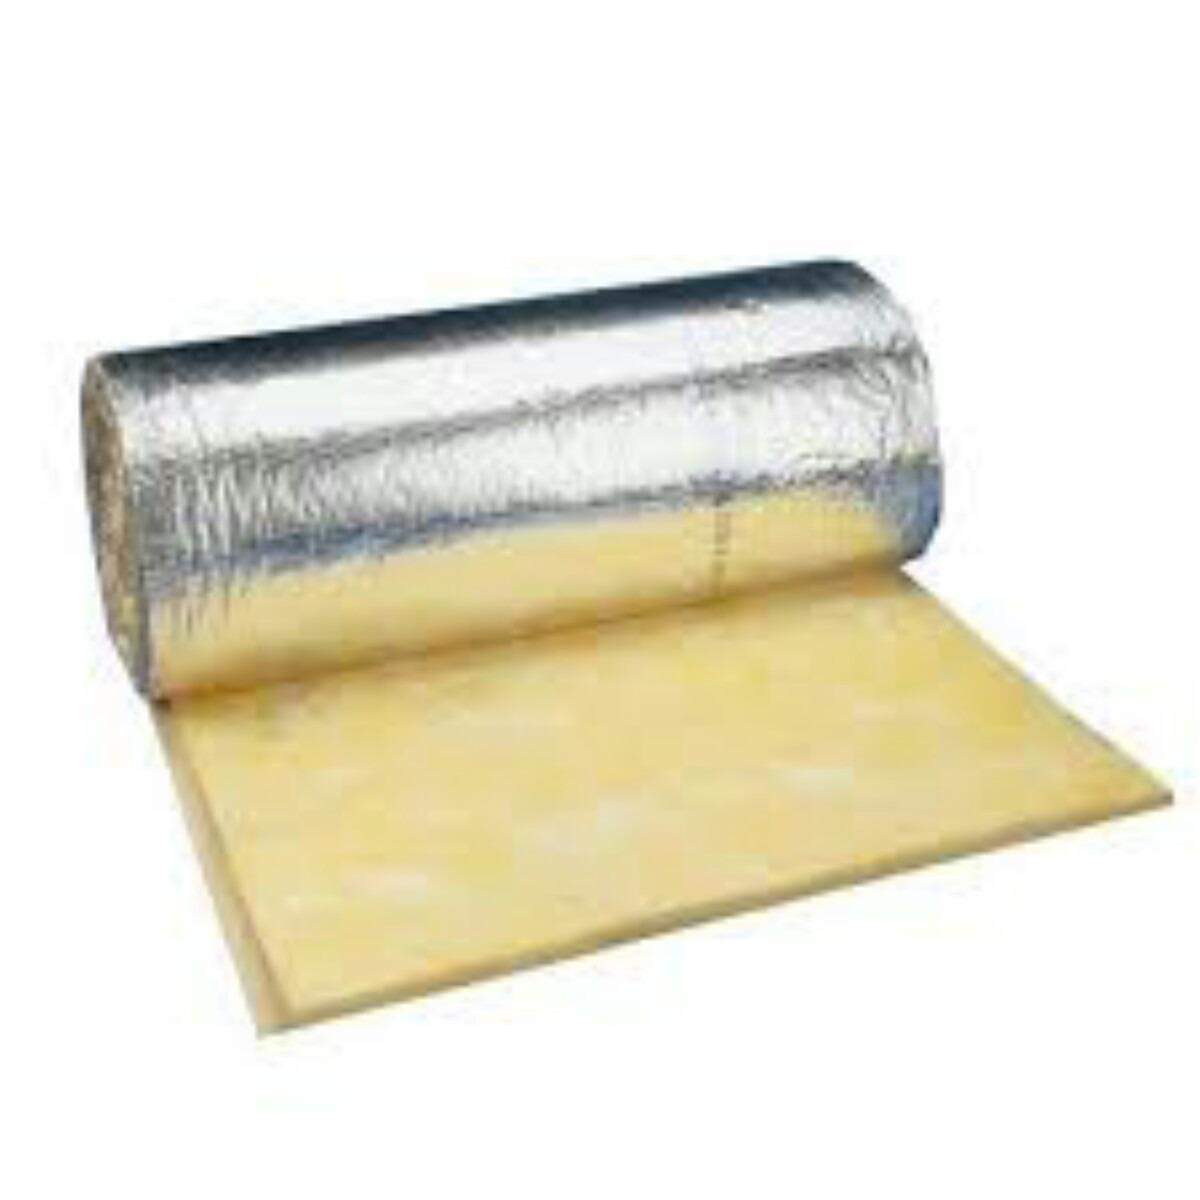 Aislante t rmico hornos fibra de vidrio 3 metros cod vg en mercado libre - Fibra de vidrio aislante acustico ...